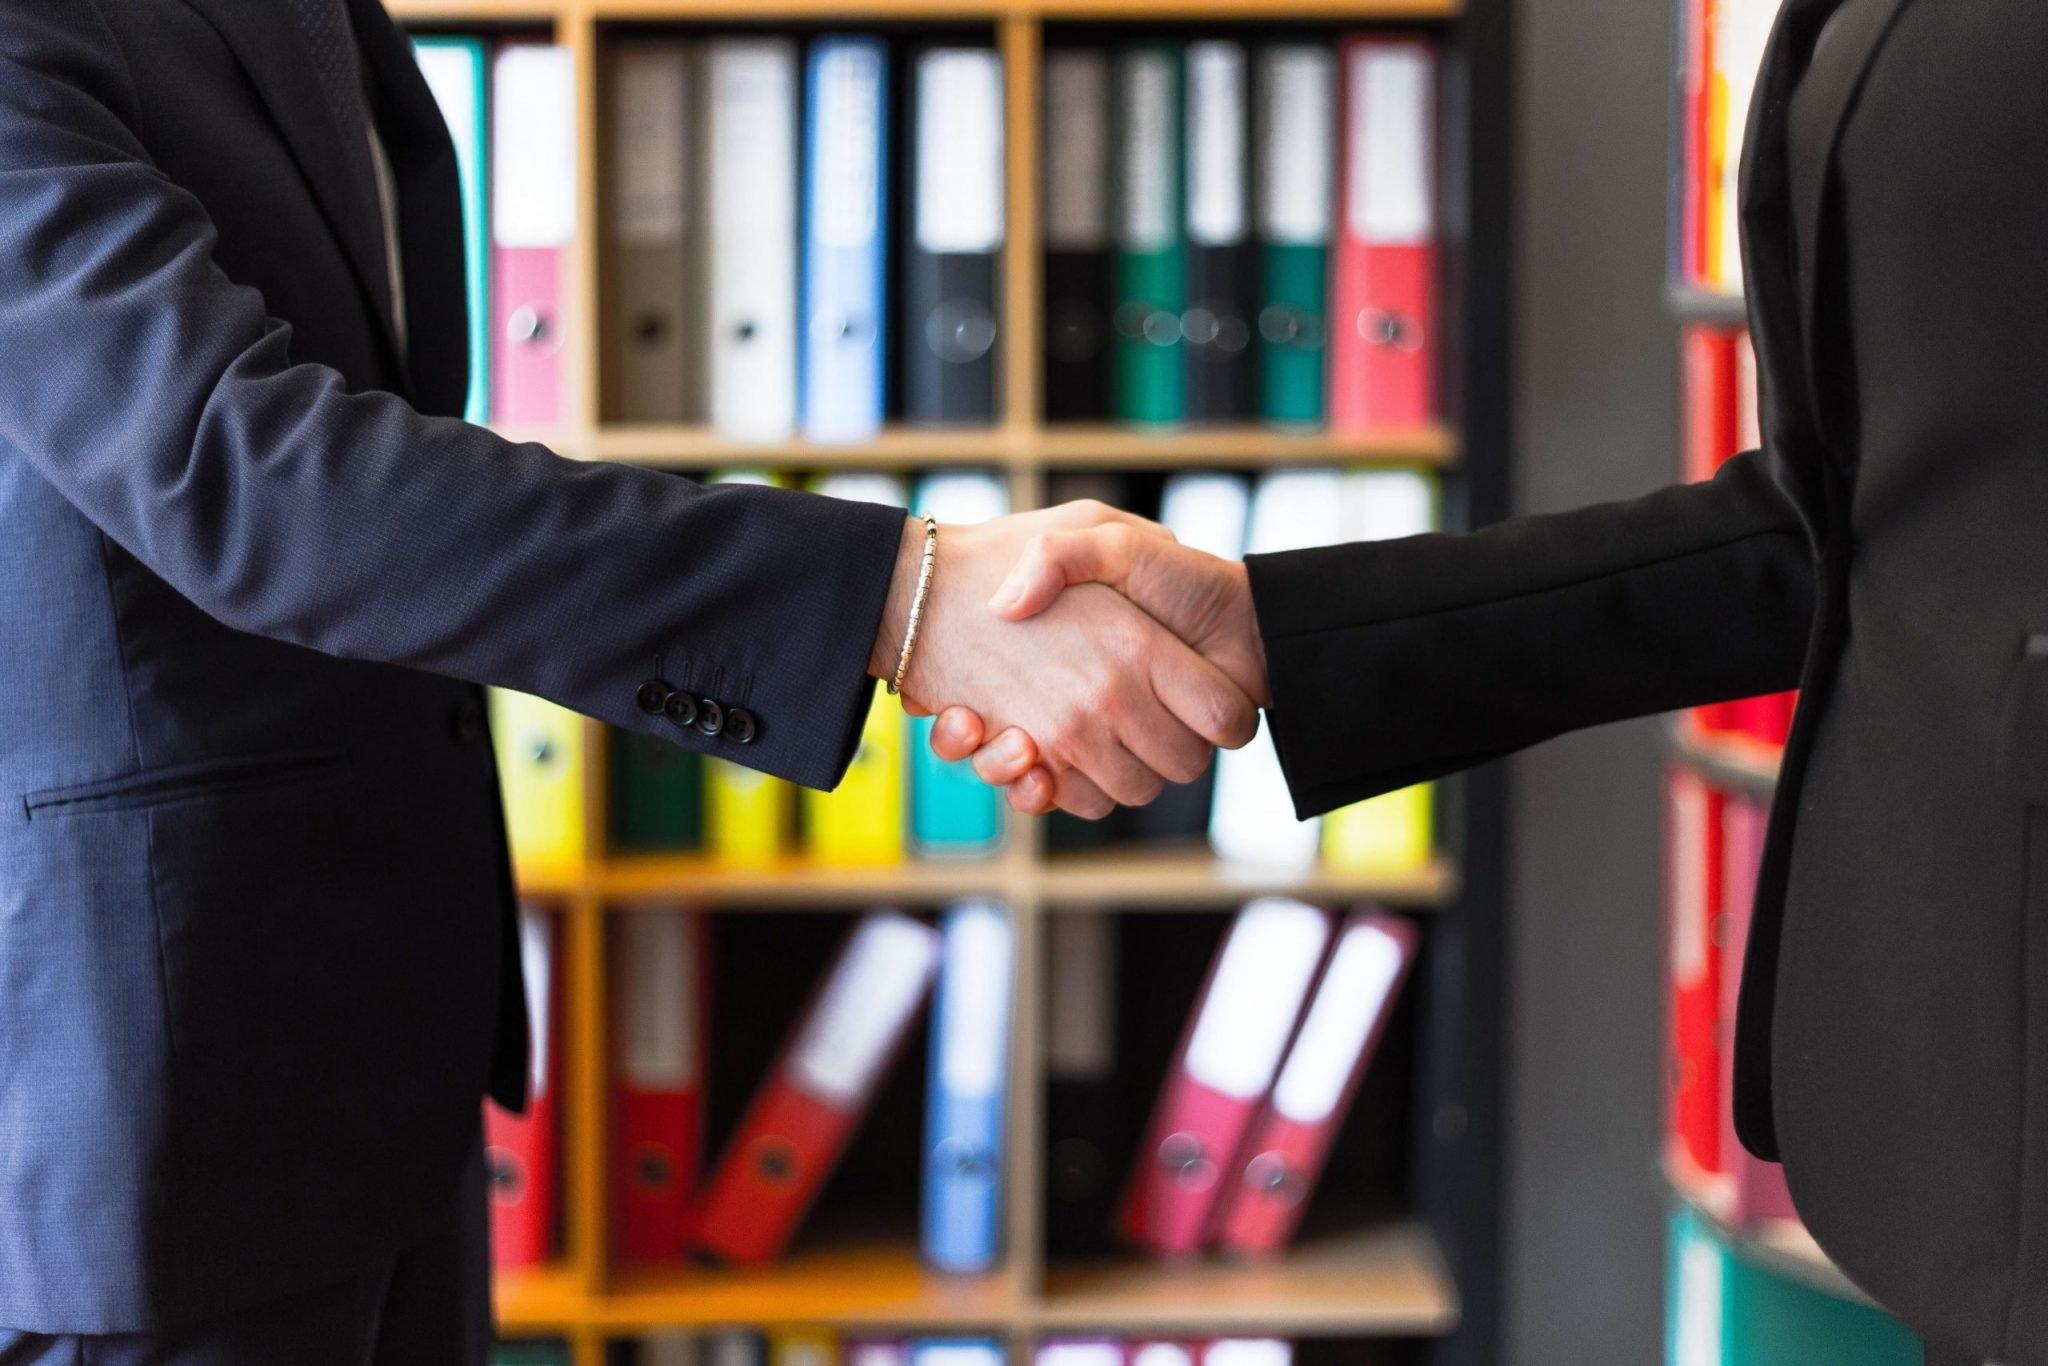 ¿Cómo lograr negociaciones efectivas y éticas?